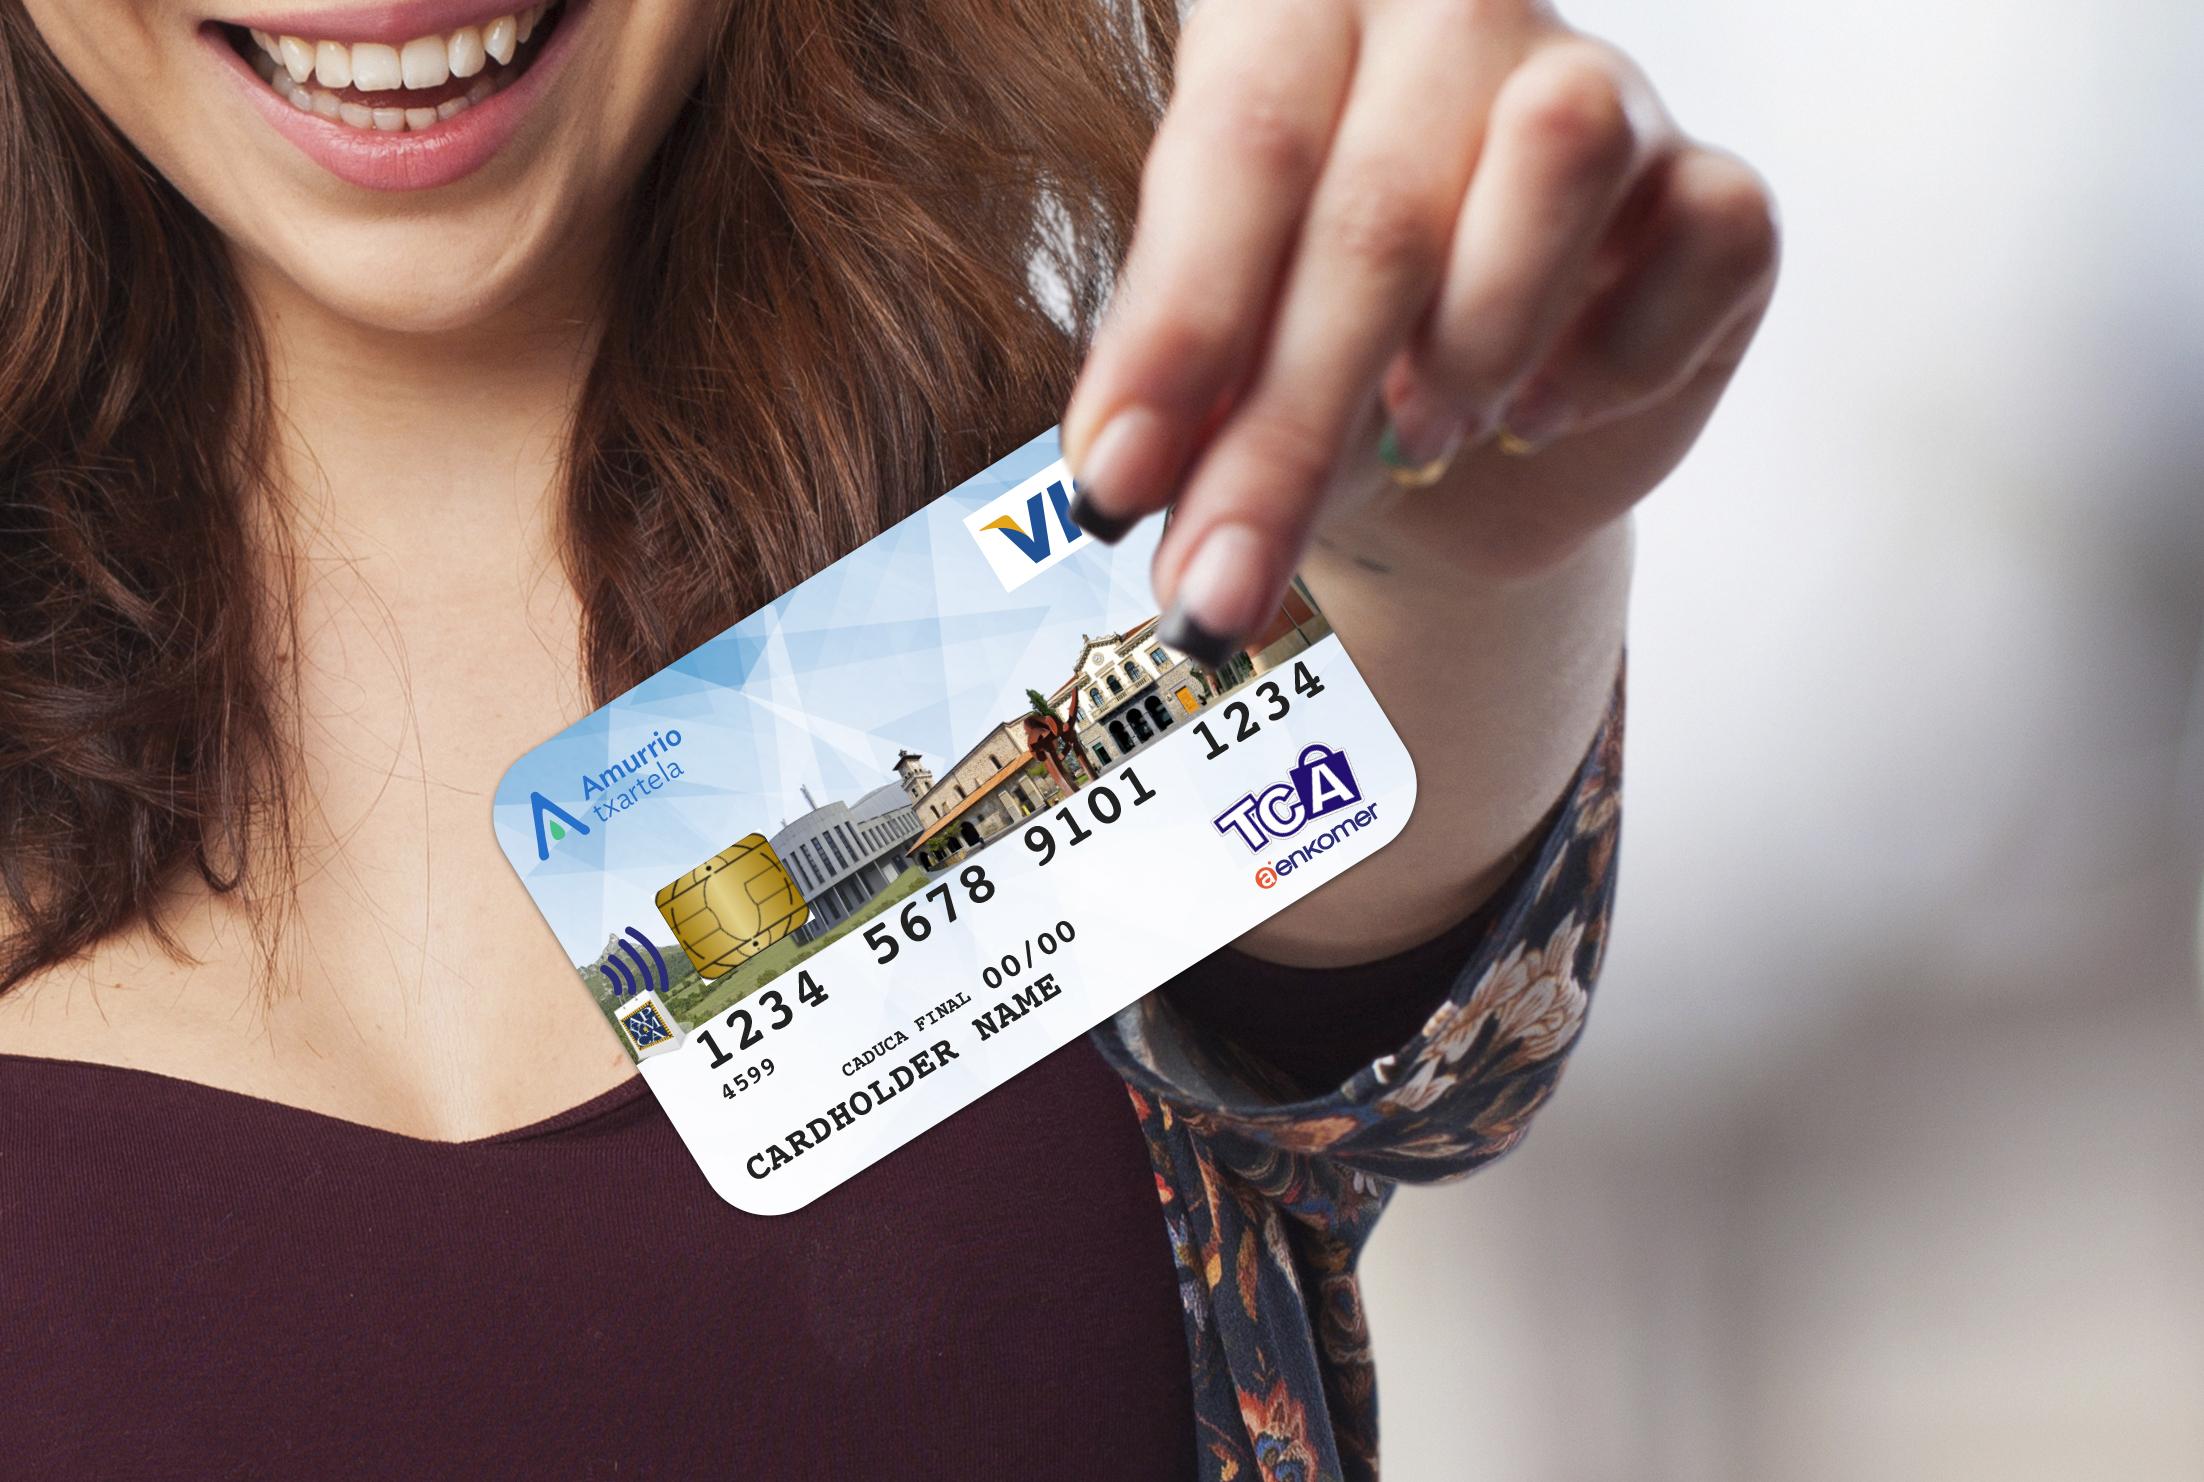 AENKOMER tarjeta de credito de fidelización TCA